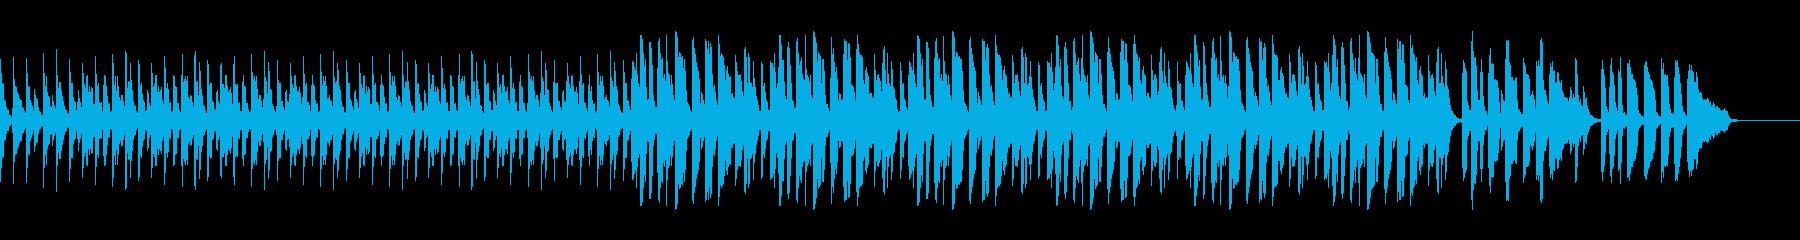 スローテンポピアノソロの再生済みの波形